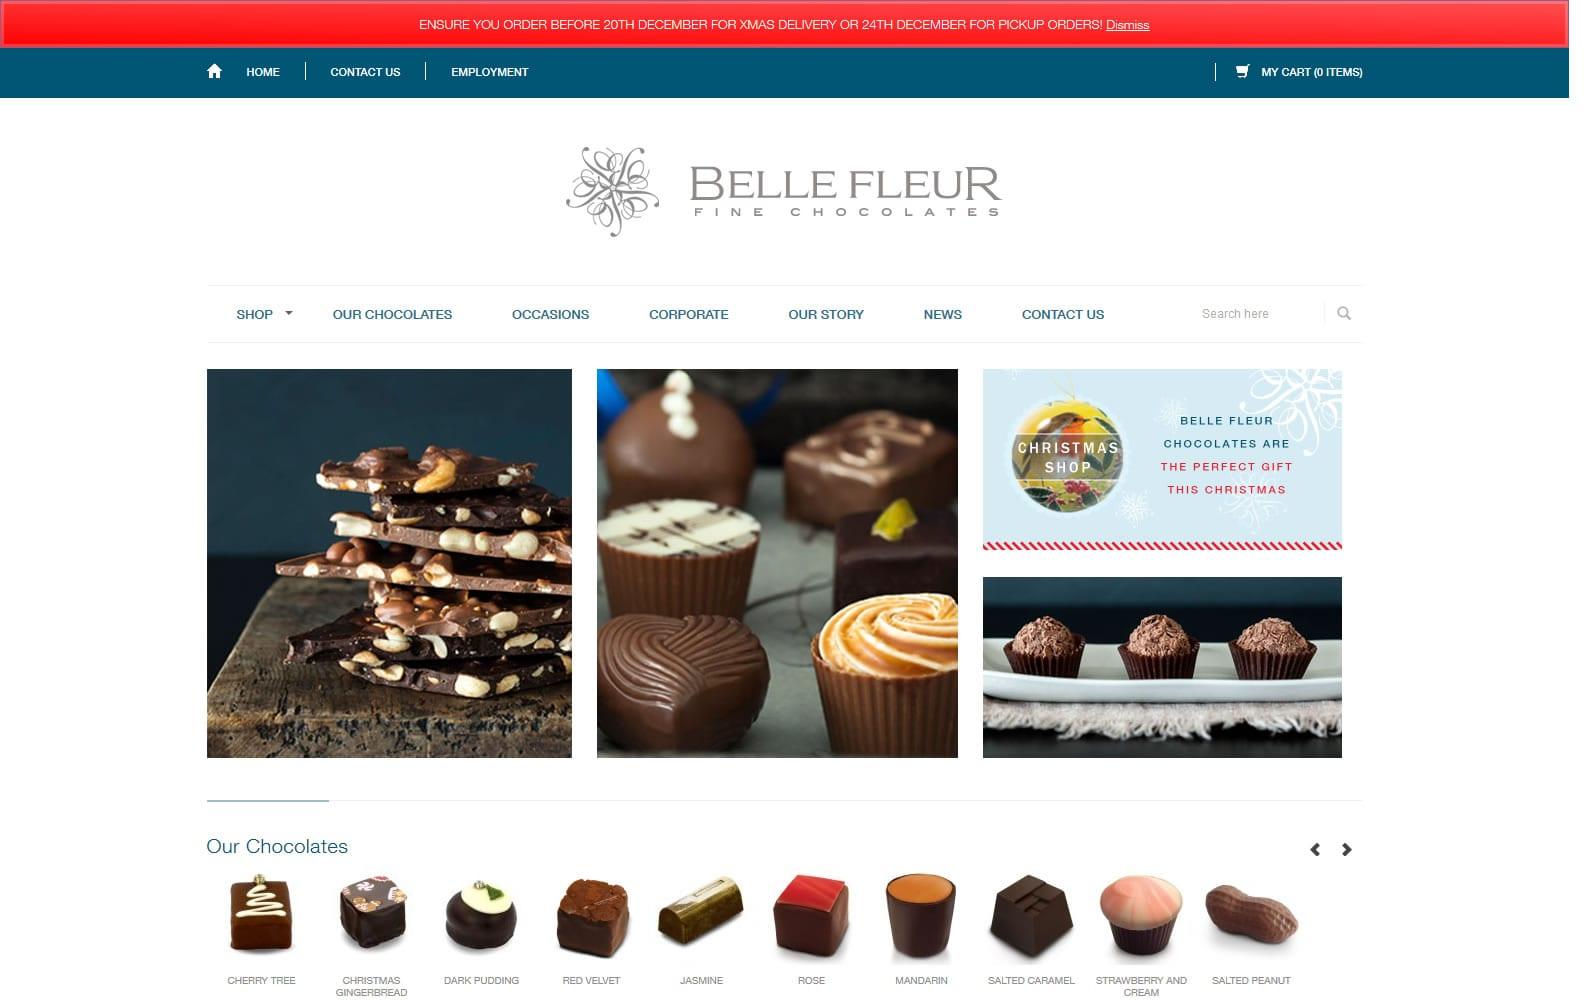 Belle Fleur Chocolates